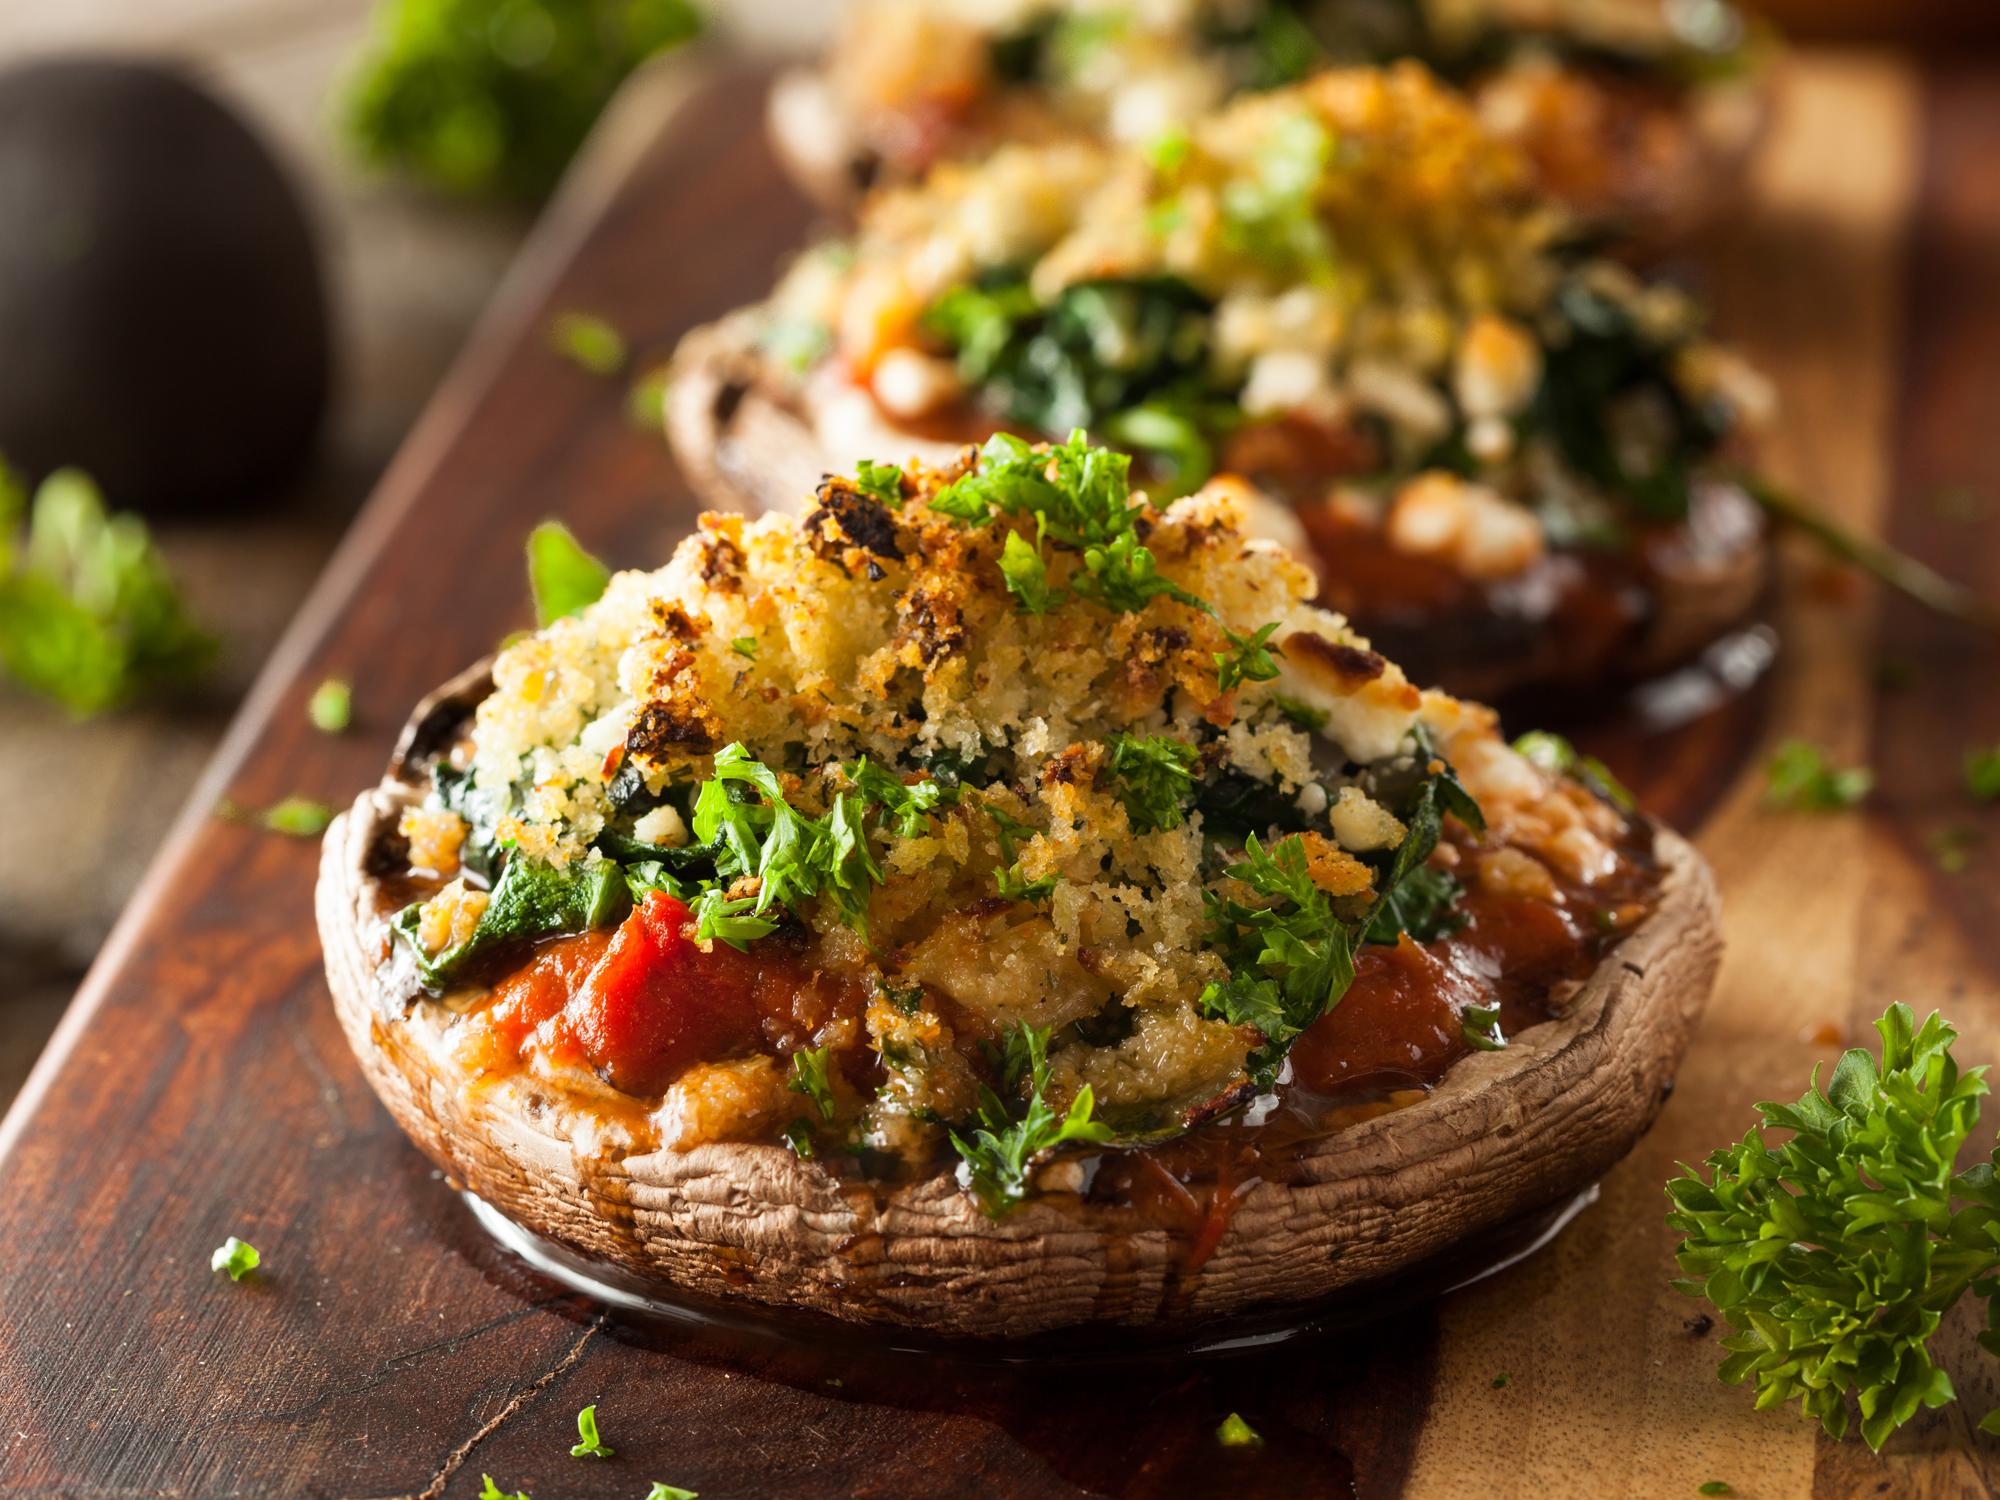 Recipe: Personal portobello pizzas - Easy Health Options®